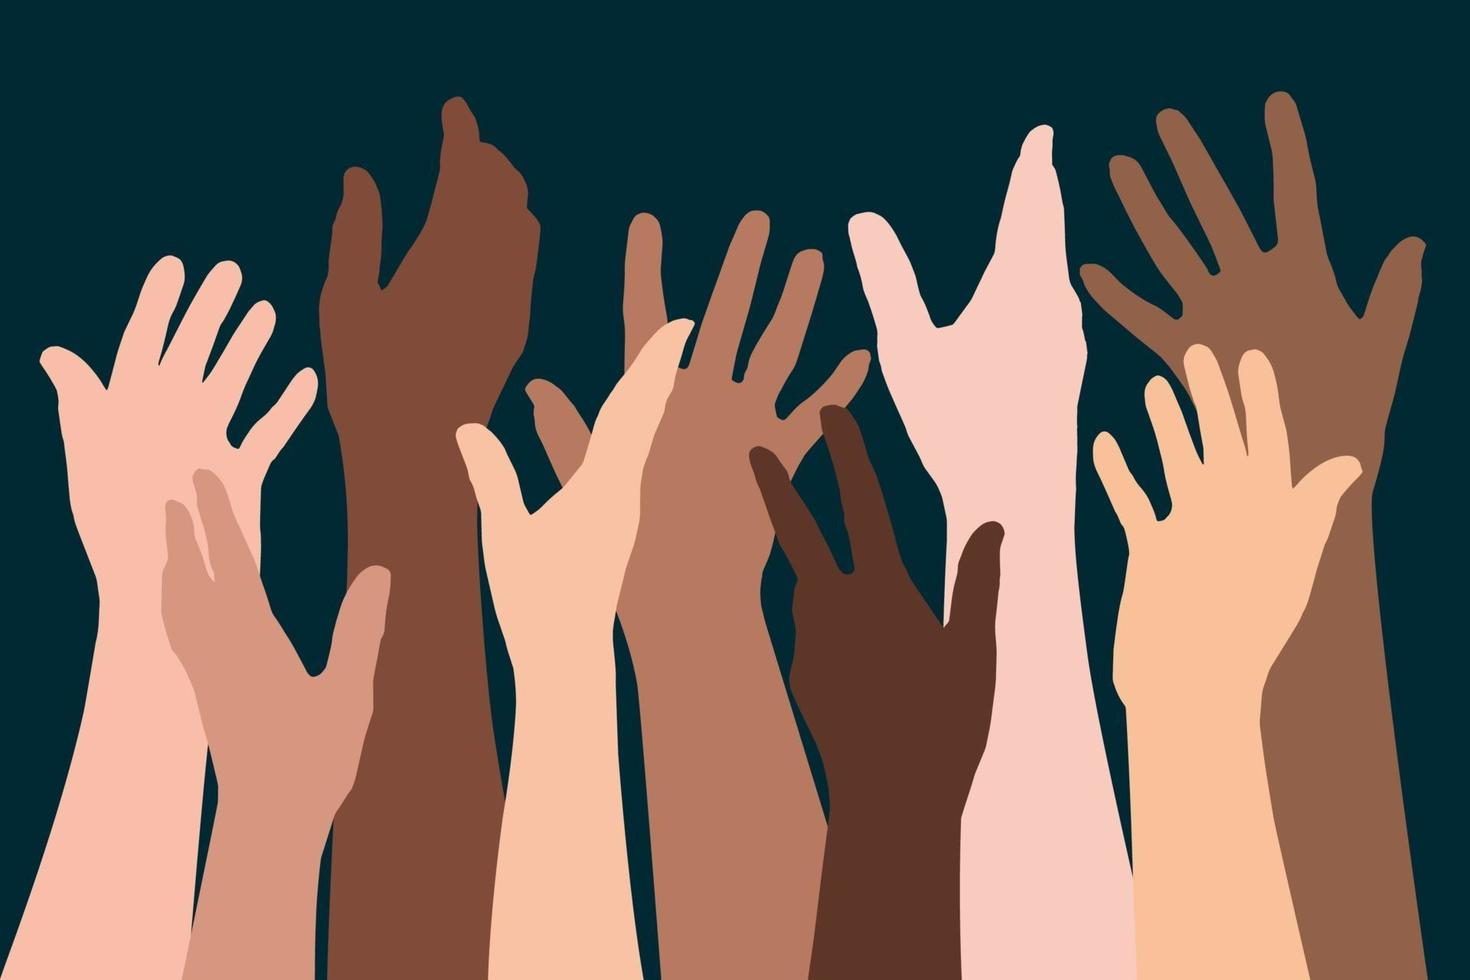 opgeheven handen van verschillende etnische groepen symbool van broederschap vector